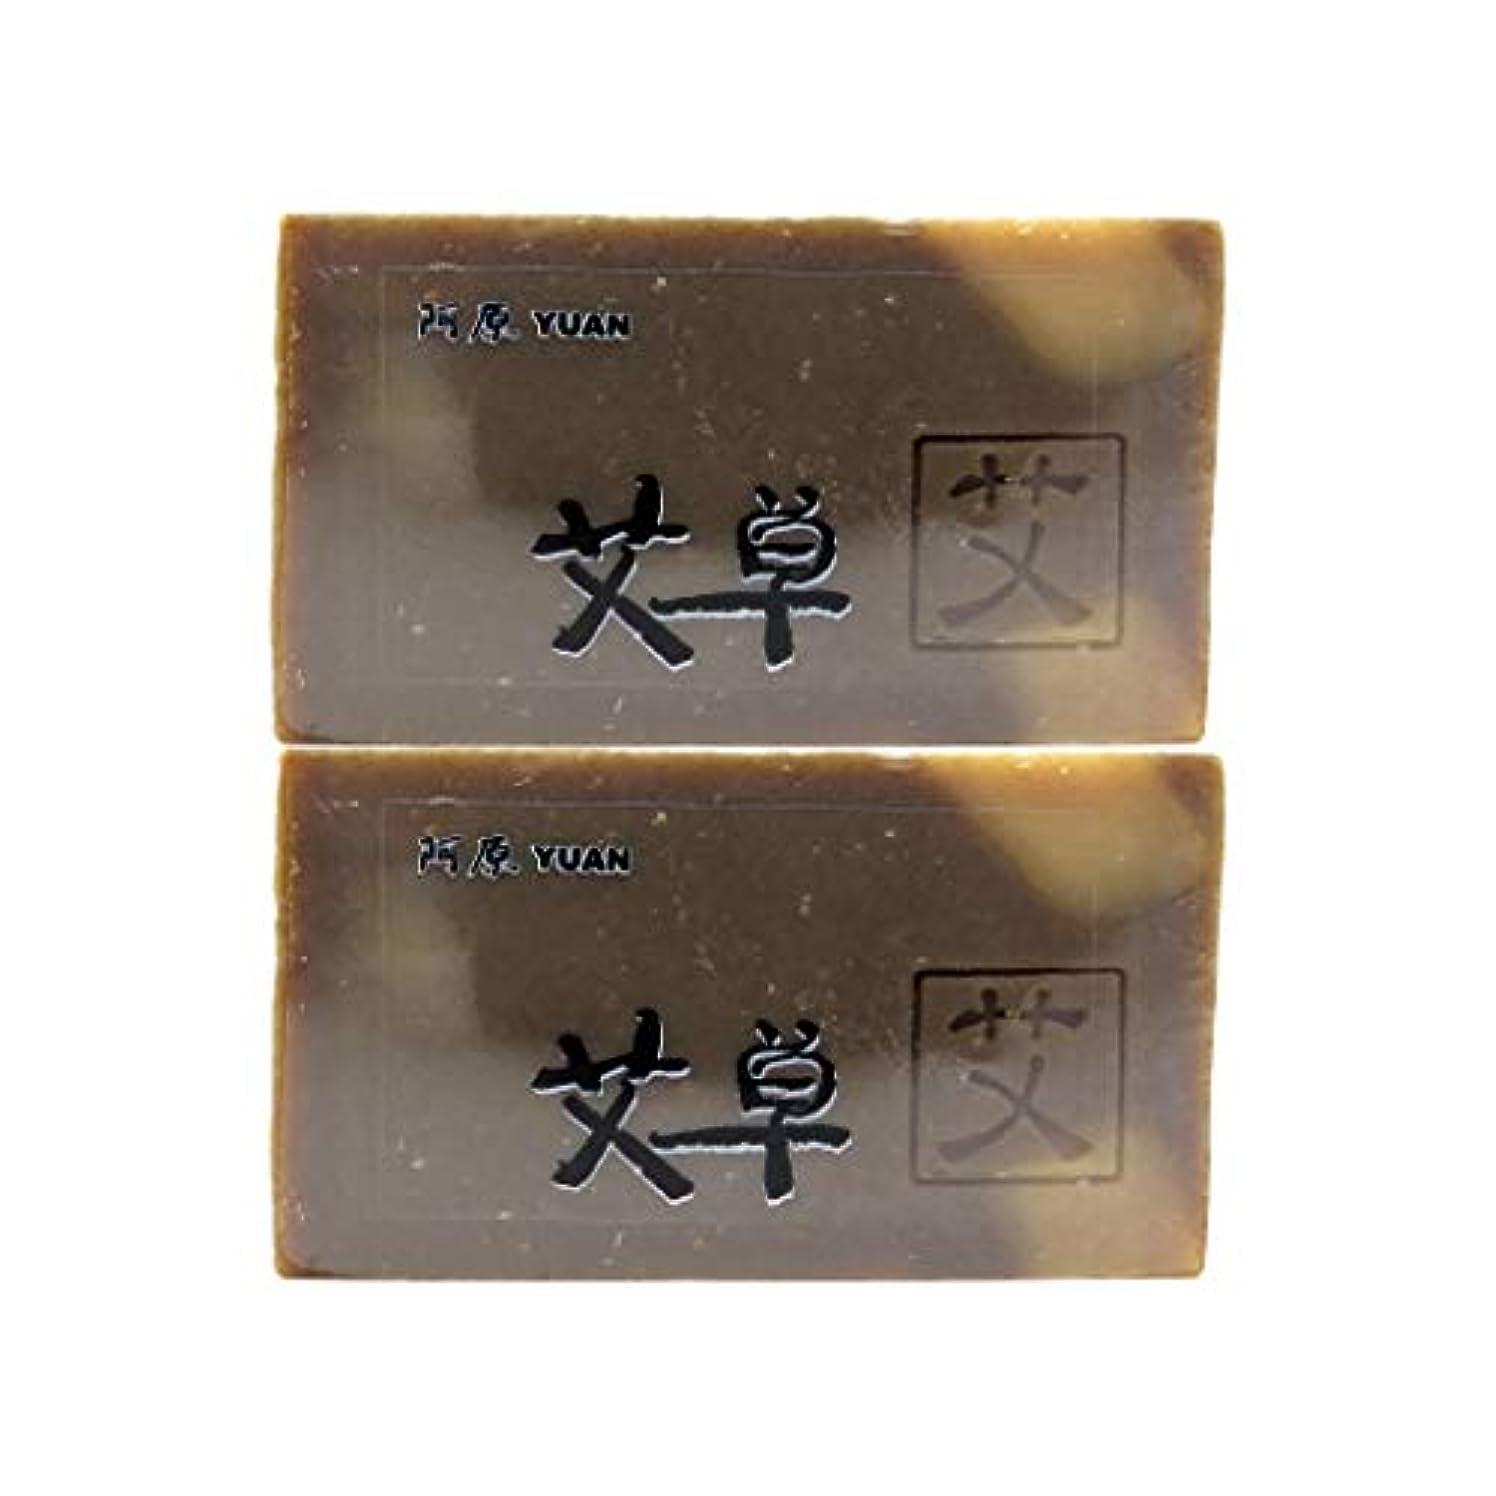 香水折あえてユアン(YUAN) ヨモギソープ 100g (2個セット)